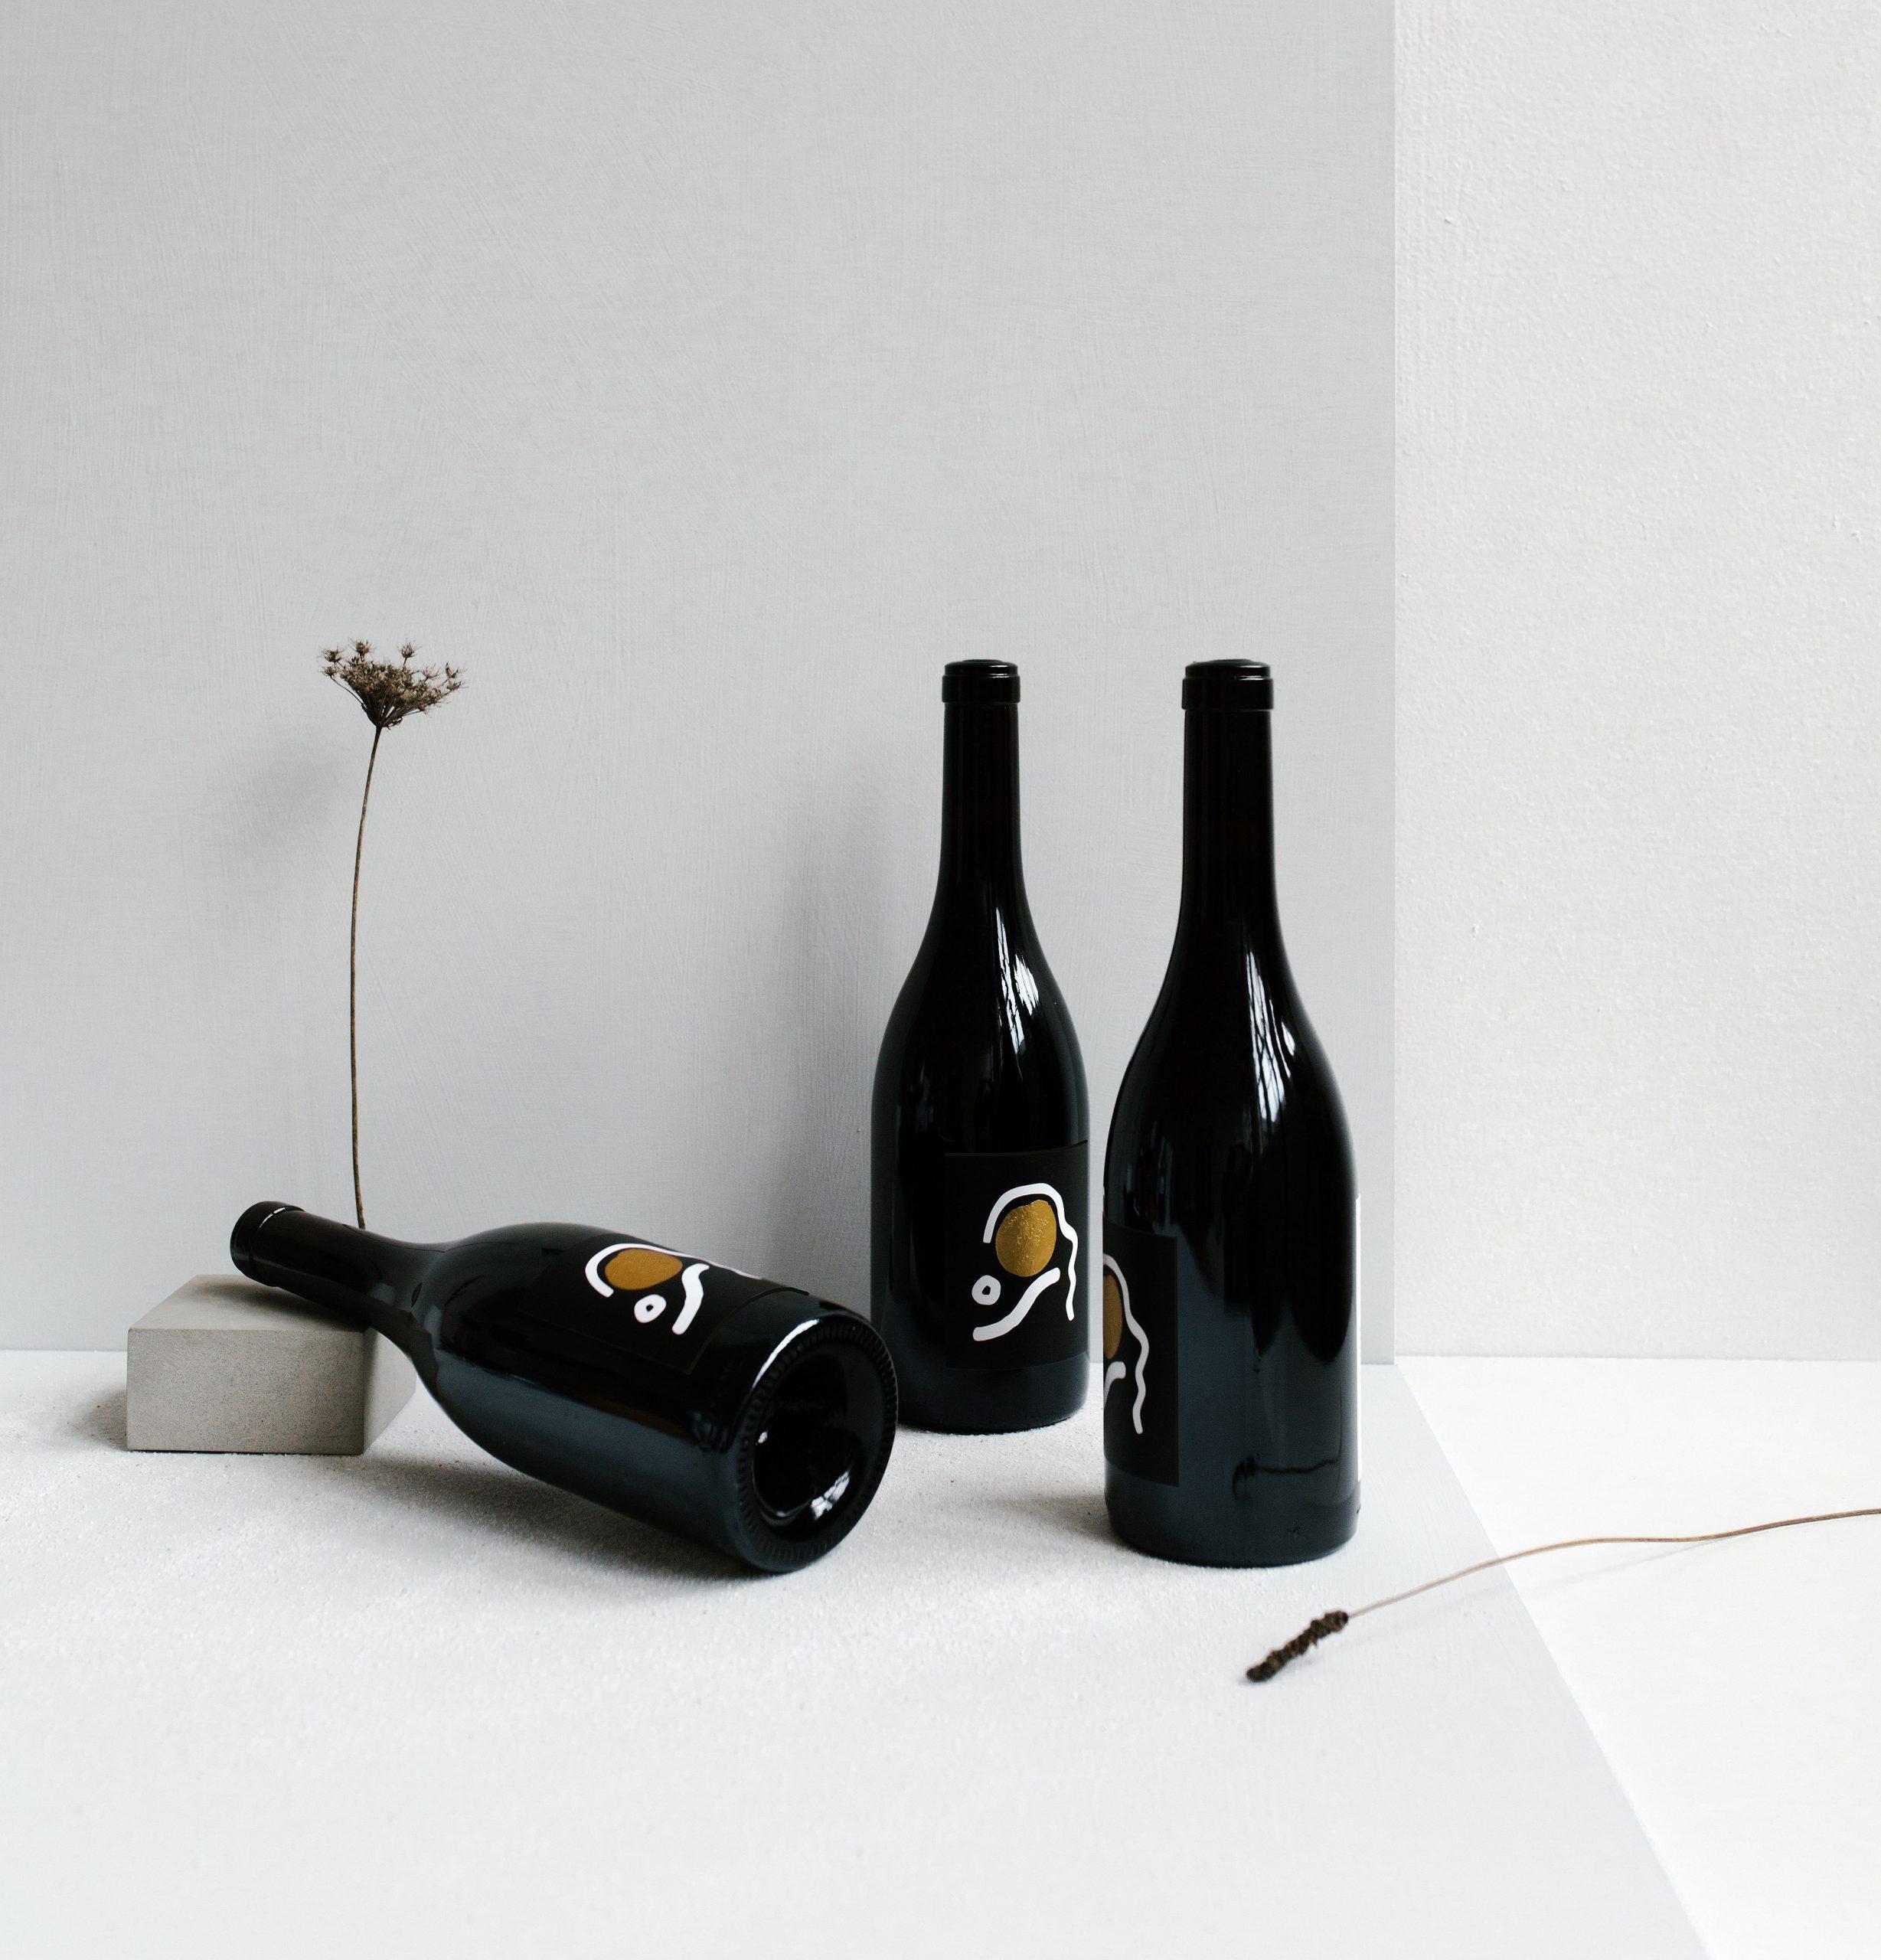 Когато гостите носят вино - да го отворя ли?